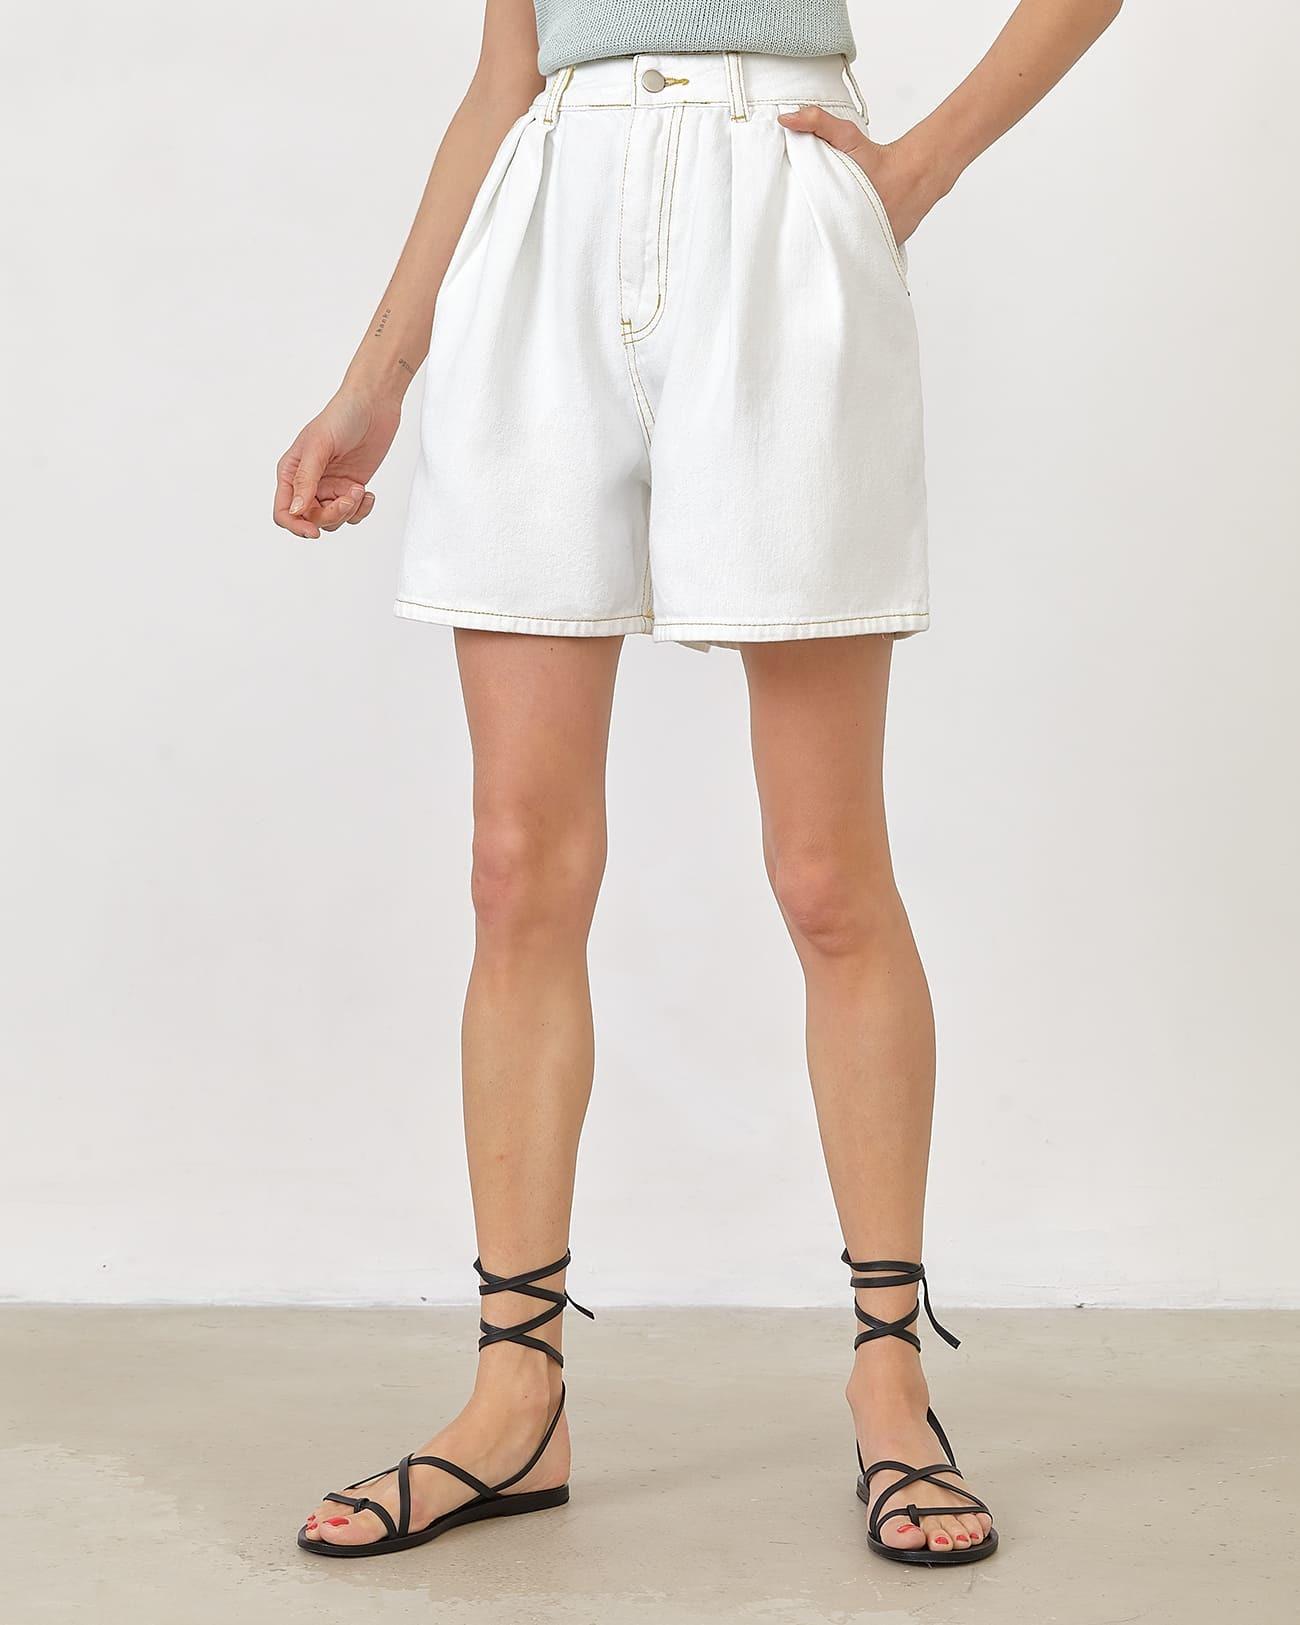 Джинсовые шорты широкие белого цвета фото